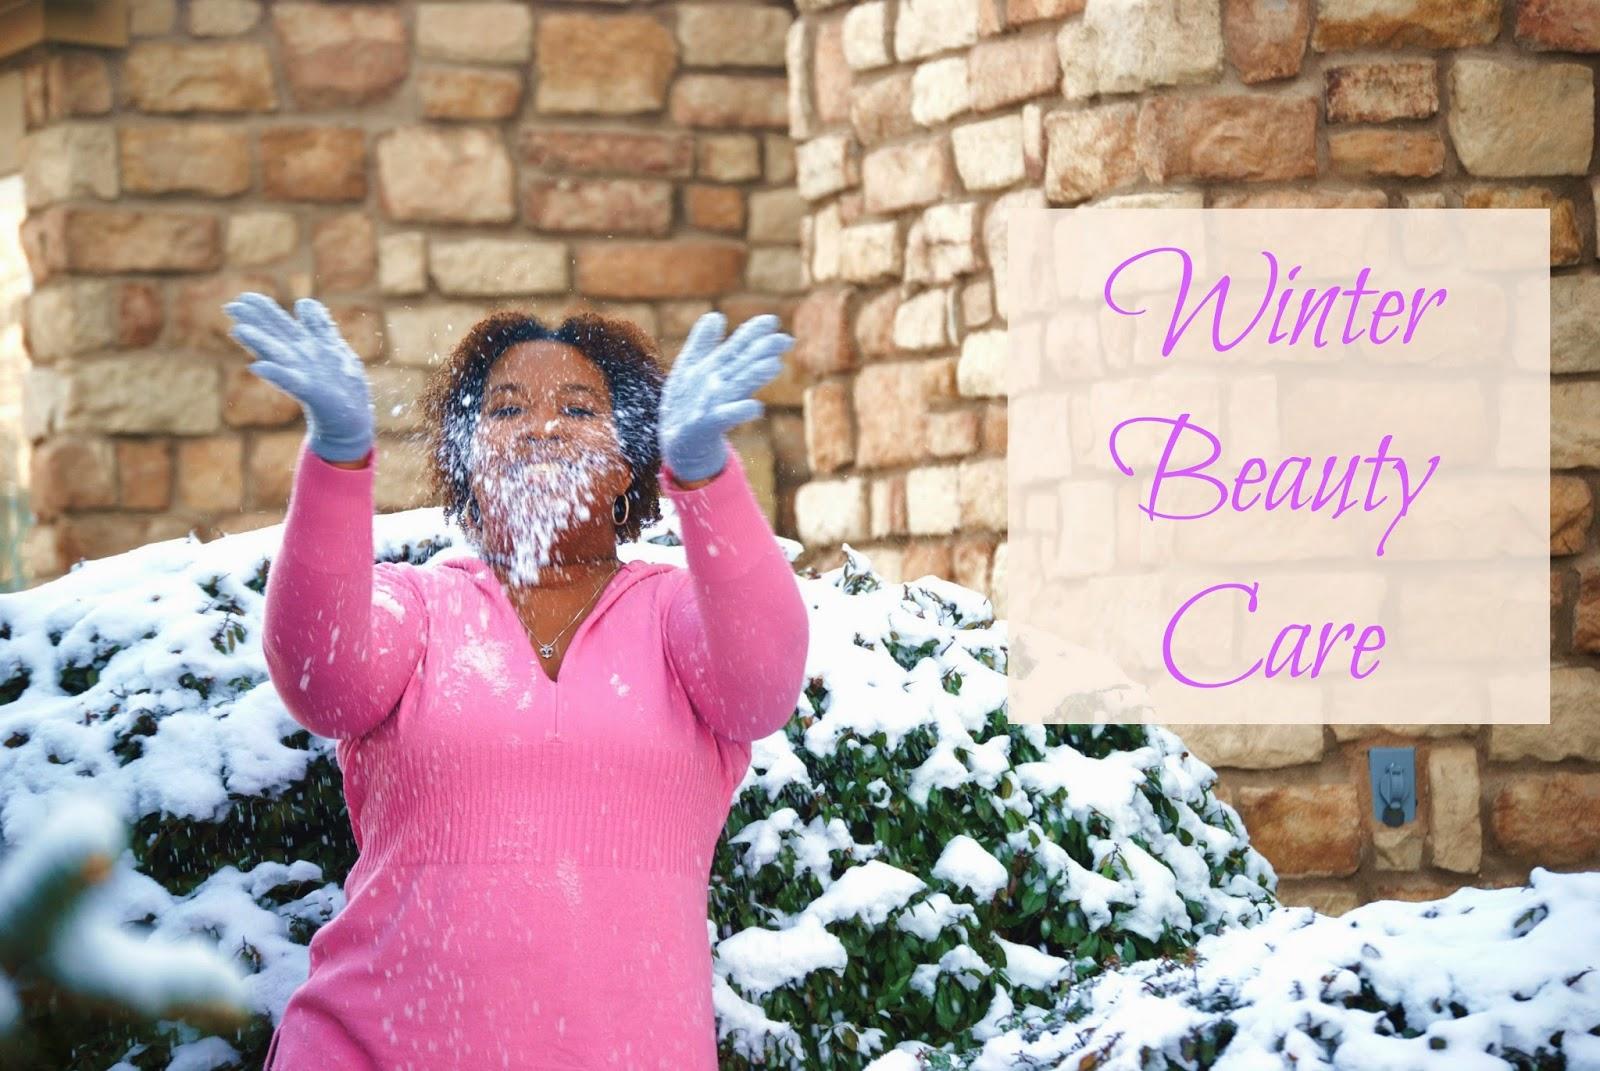 Winter Beauty Care - Hands, Face & Feet